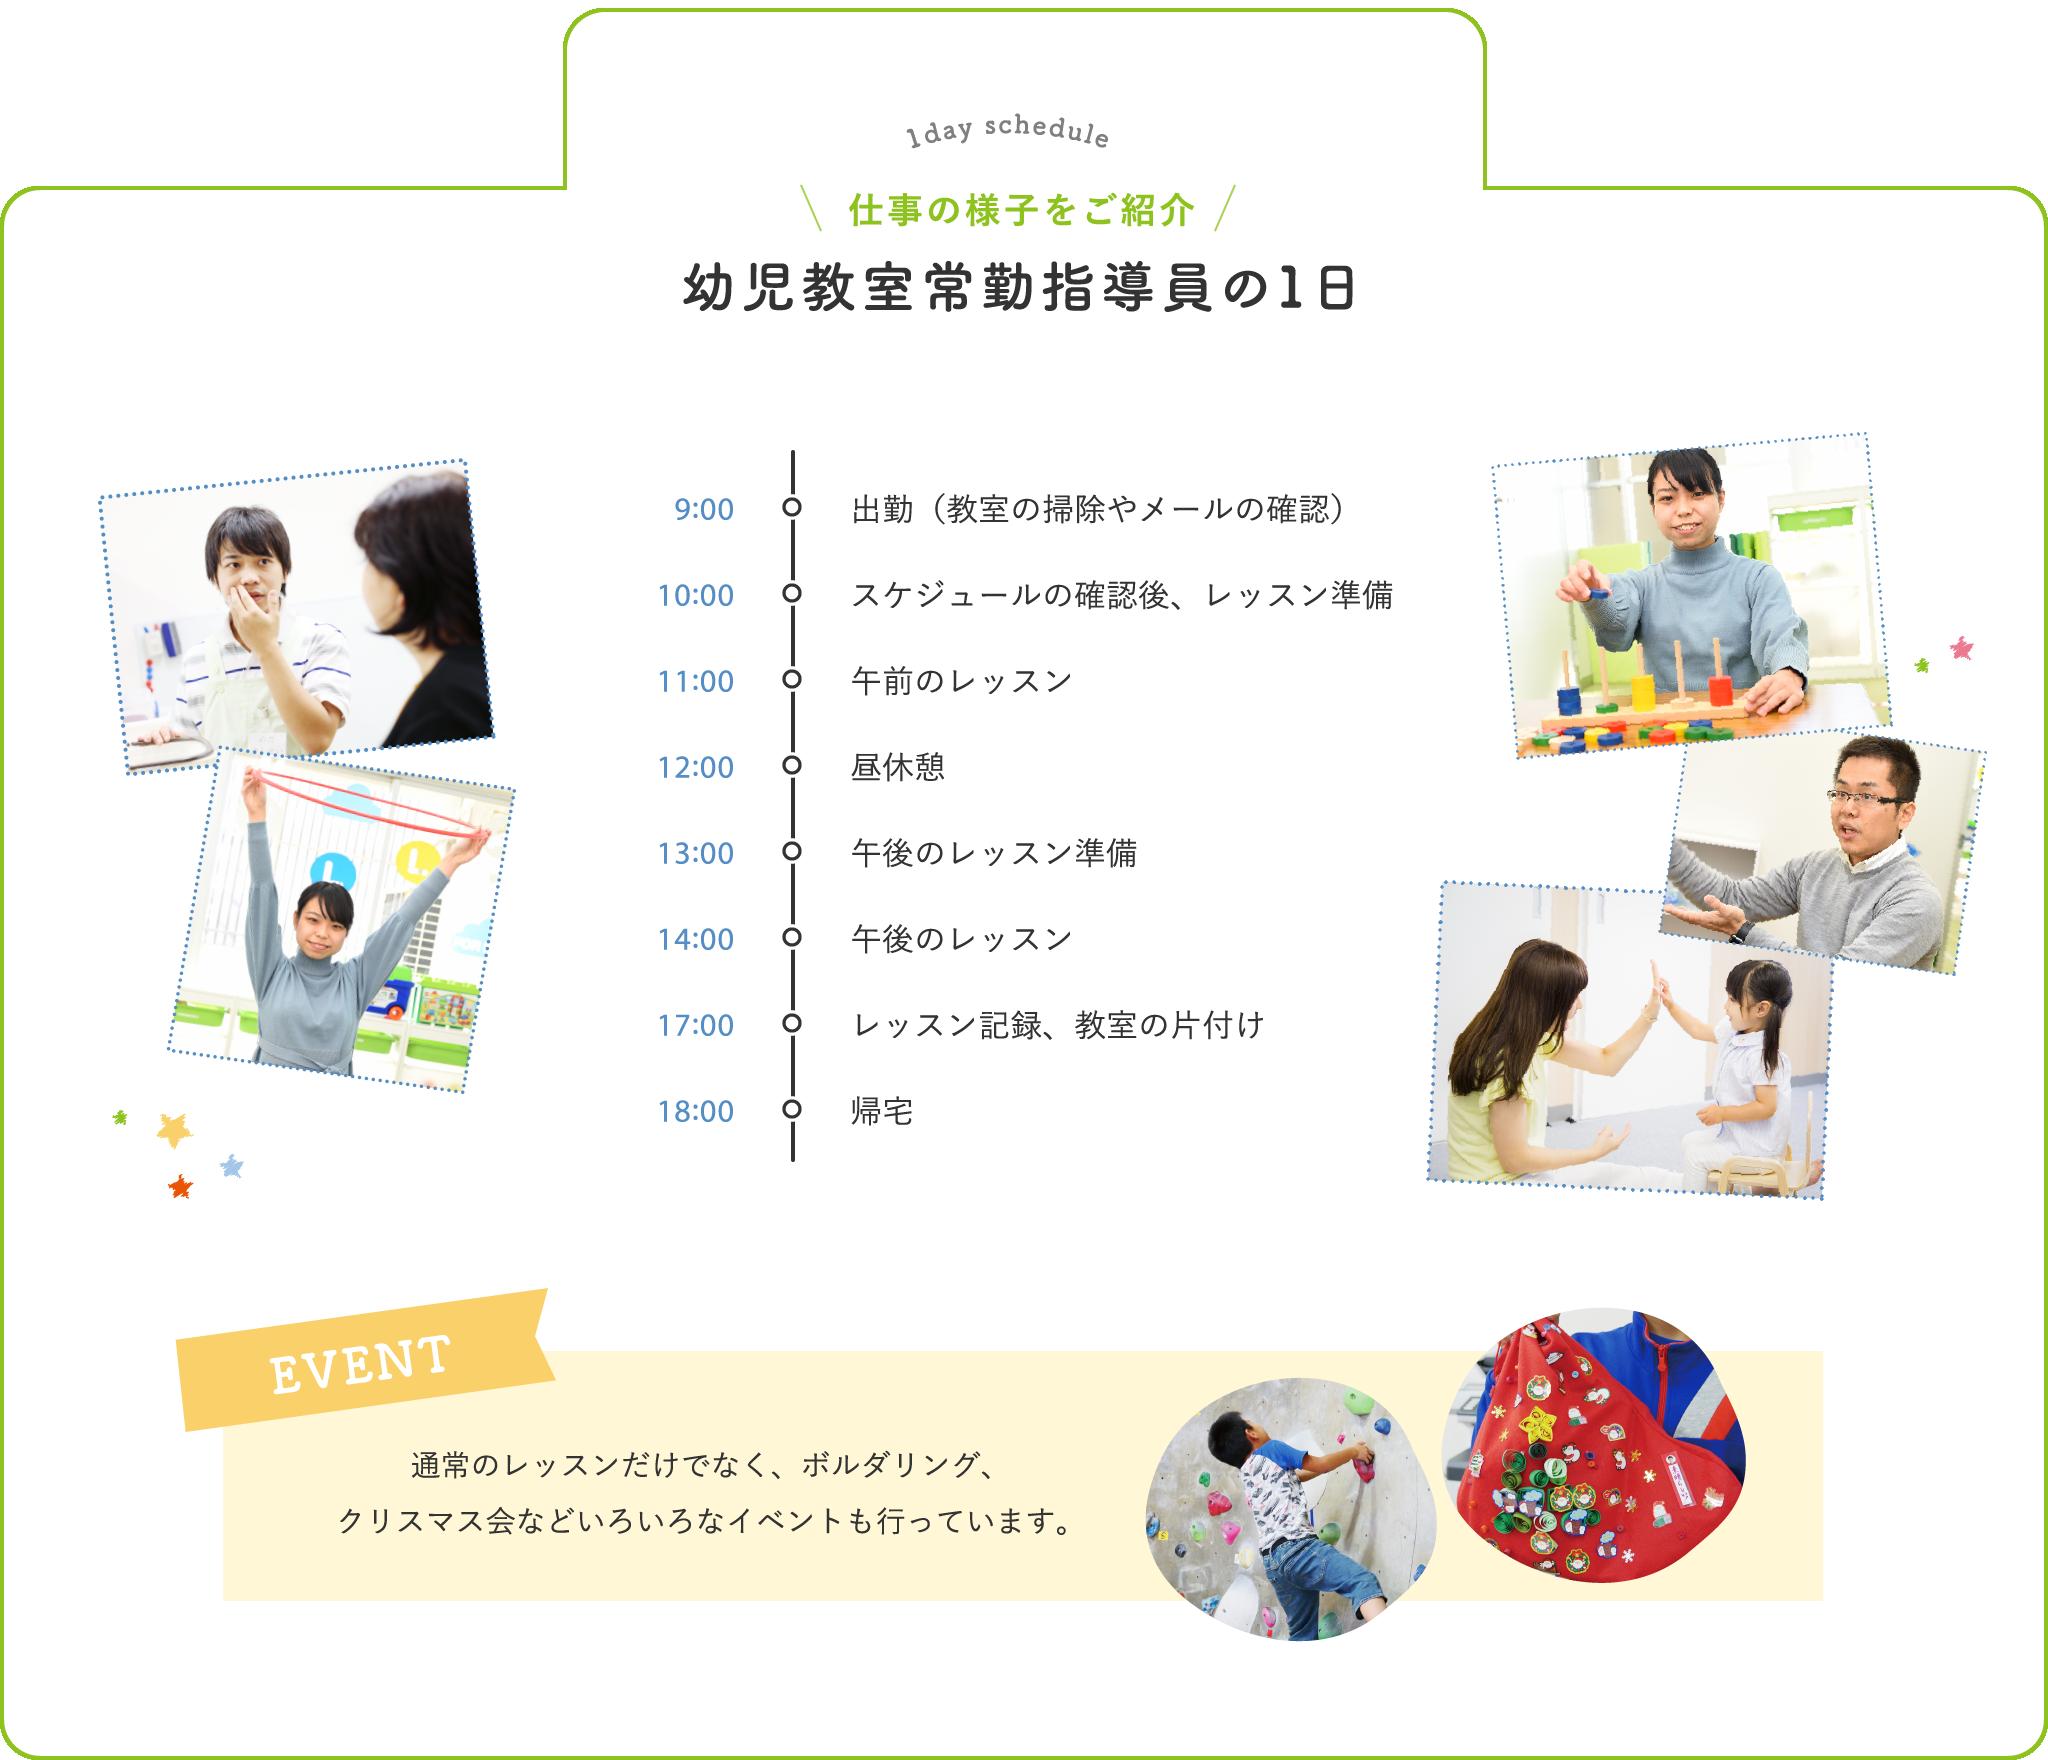 仕事の様子をご紹介 / 幼児教室常勤指導員の1日